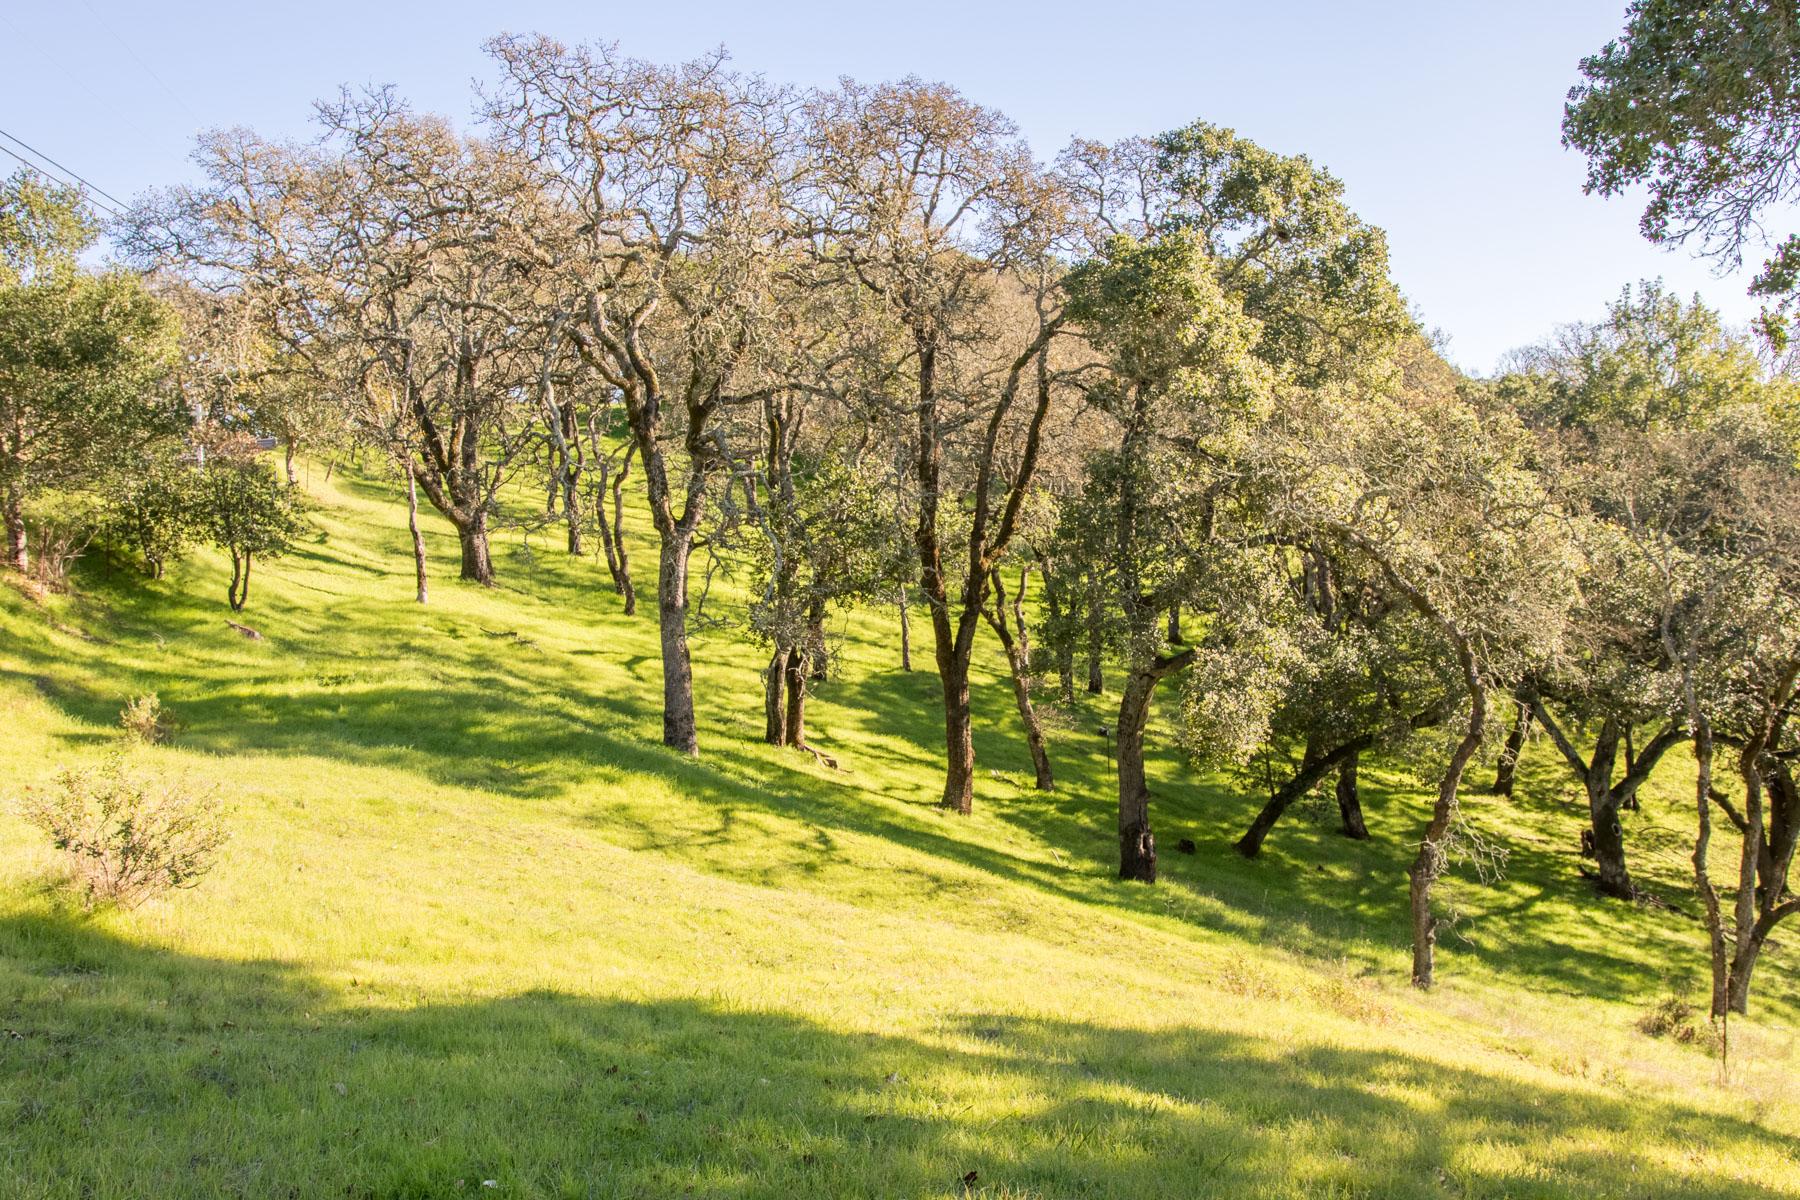 토지 용 매매 에 Vacant Lot in Greenpoint APN 143-370-42 Novato, 캘리포니아, 94947 미국